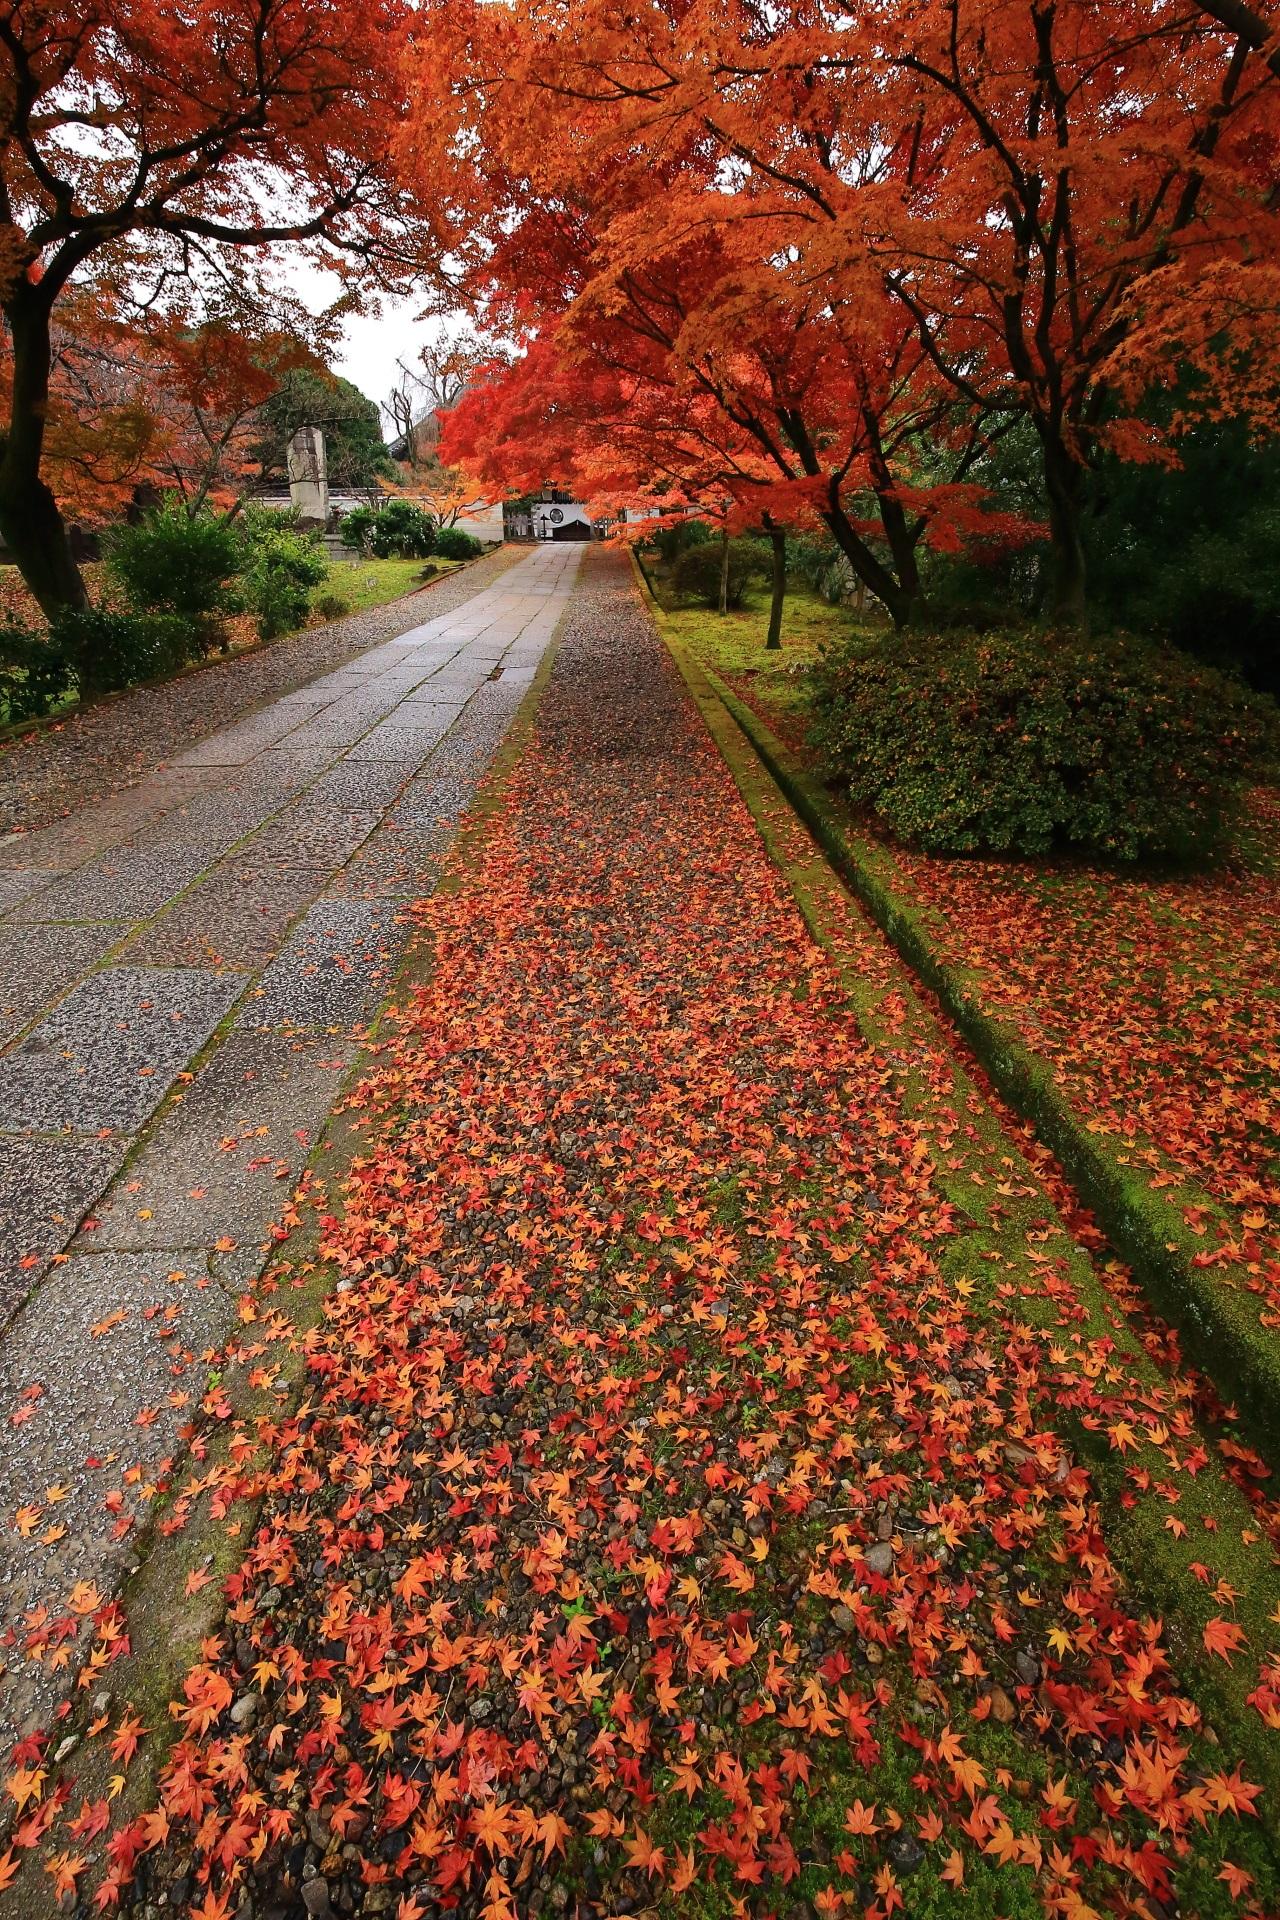 たくさんの星が散りばめられたような散り紅葉